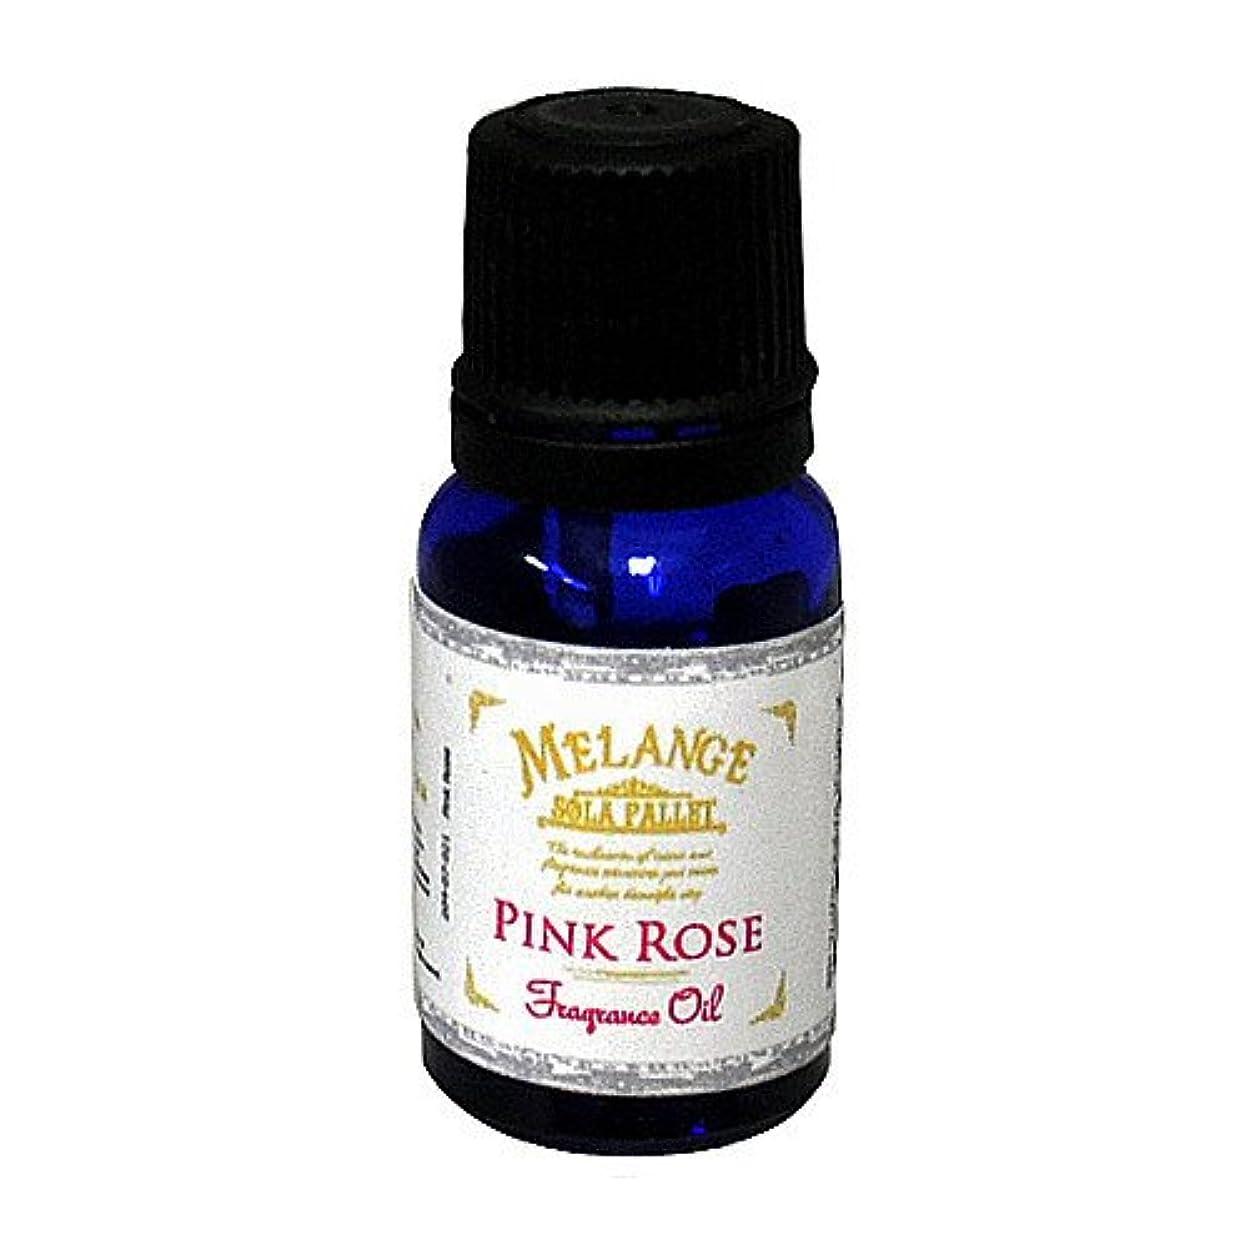 突き刺すシェア化学薬品SOLA PALLET MELANGE Fragrance Oil フレグランスオイル Pink Rose ピンクローズ